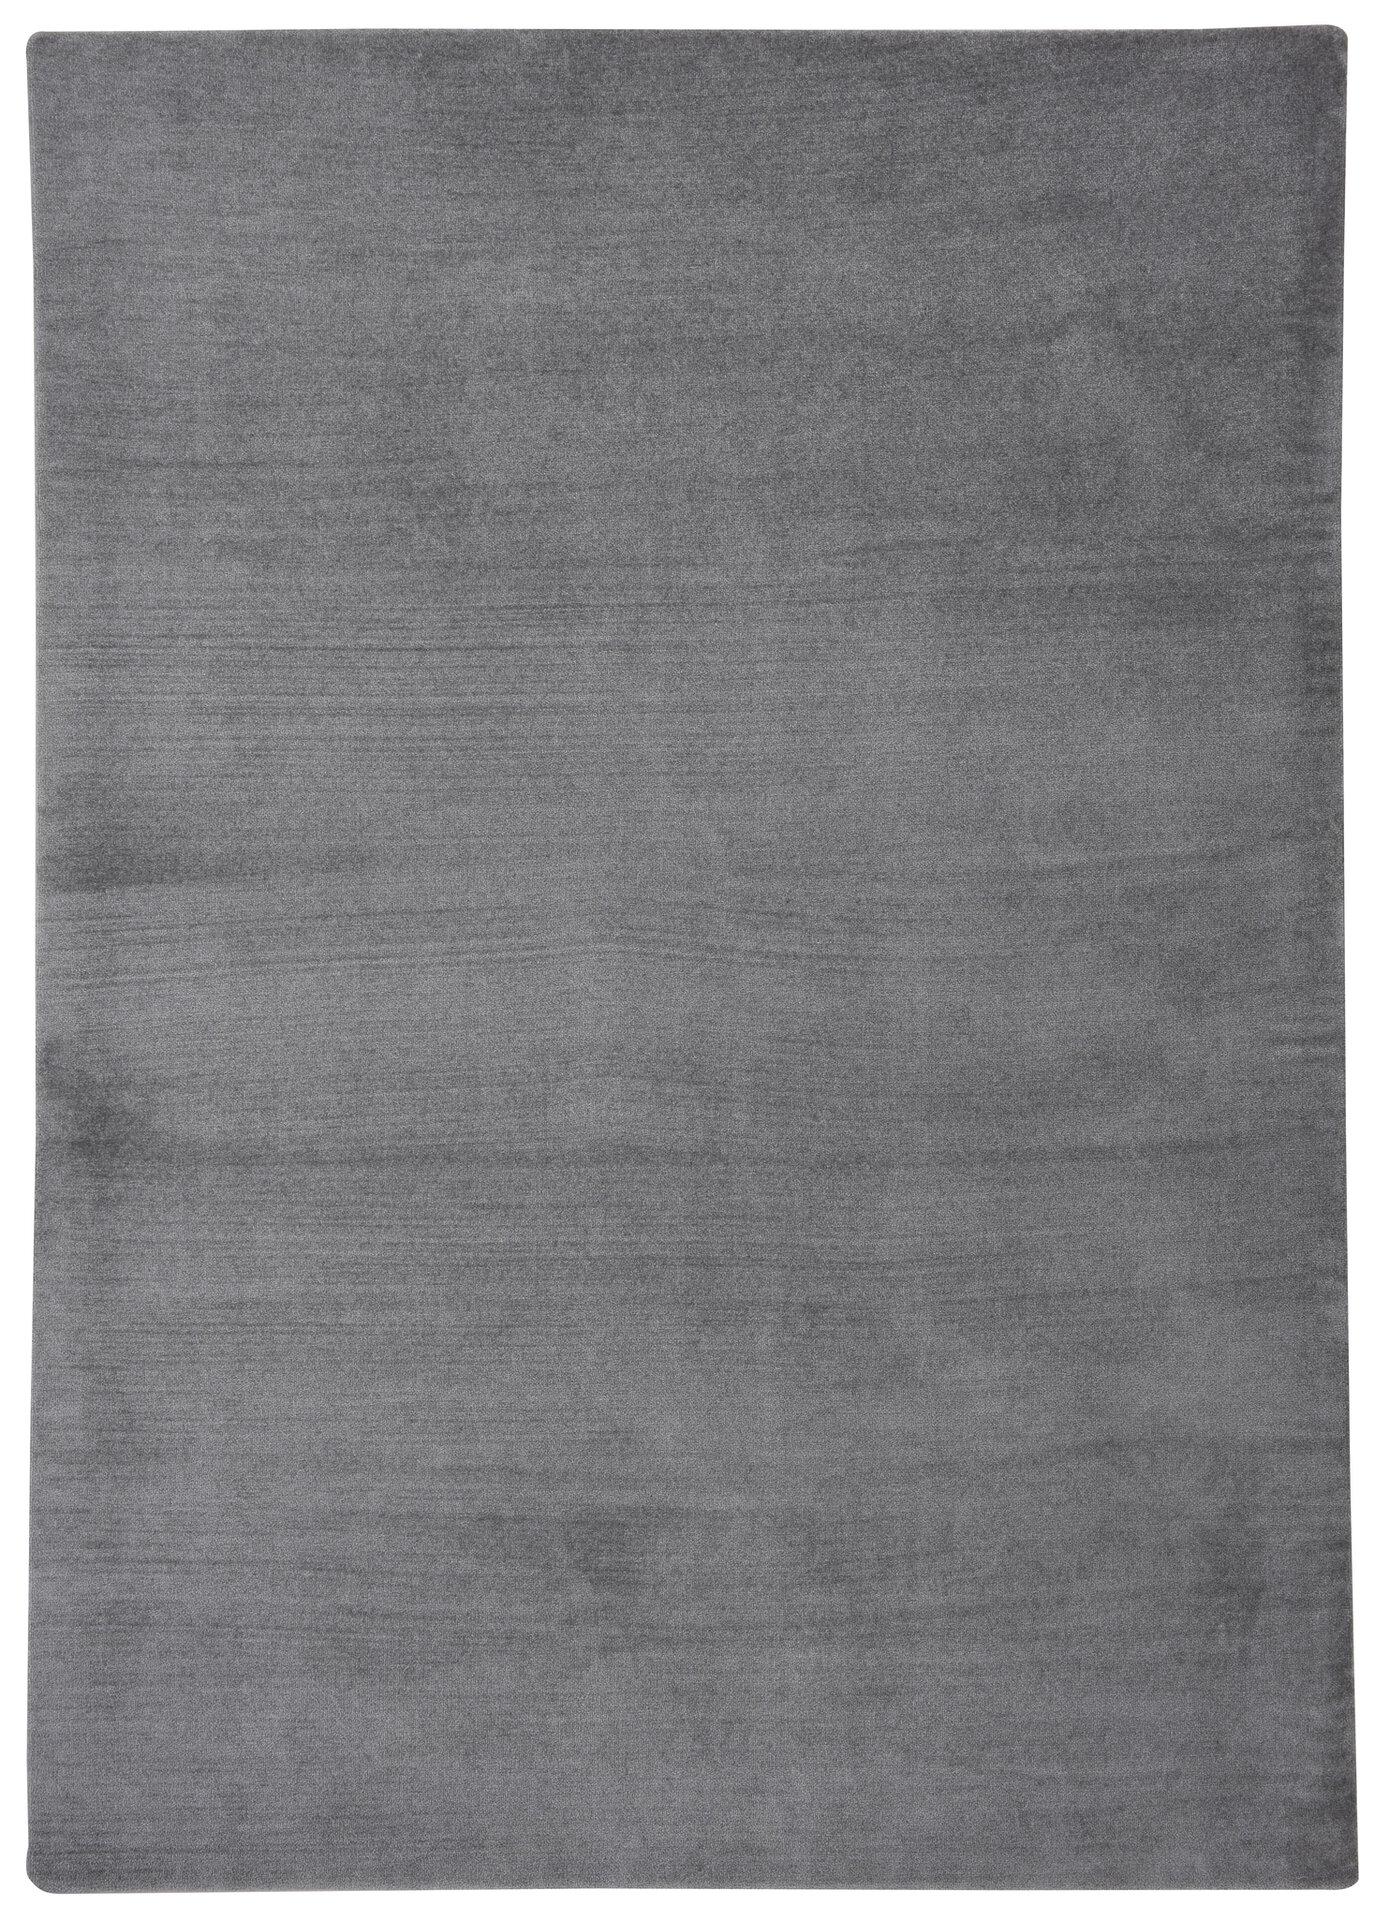 Maschinenwebteppich Sevolia MONDO Textil grau 140 x 200 cm